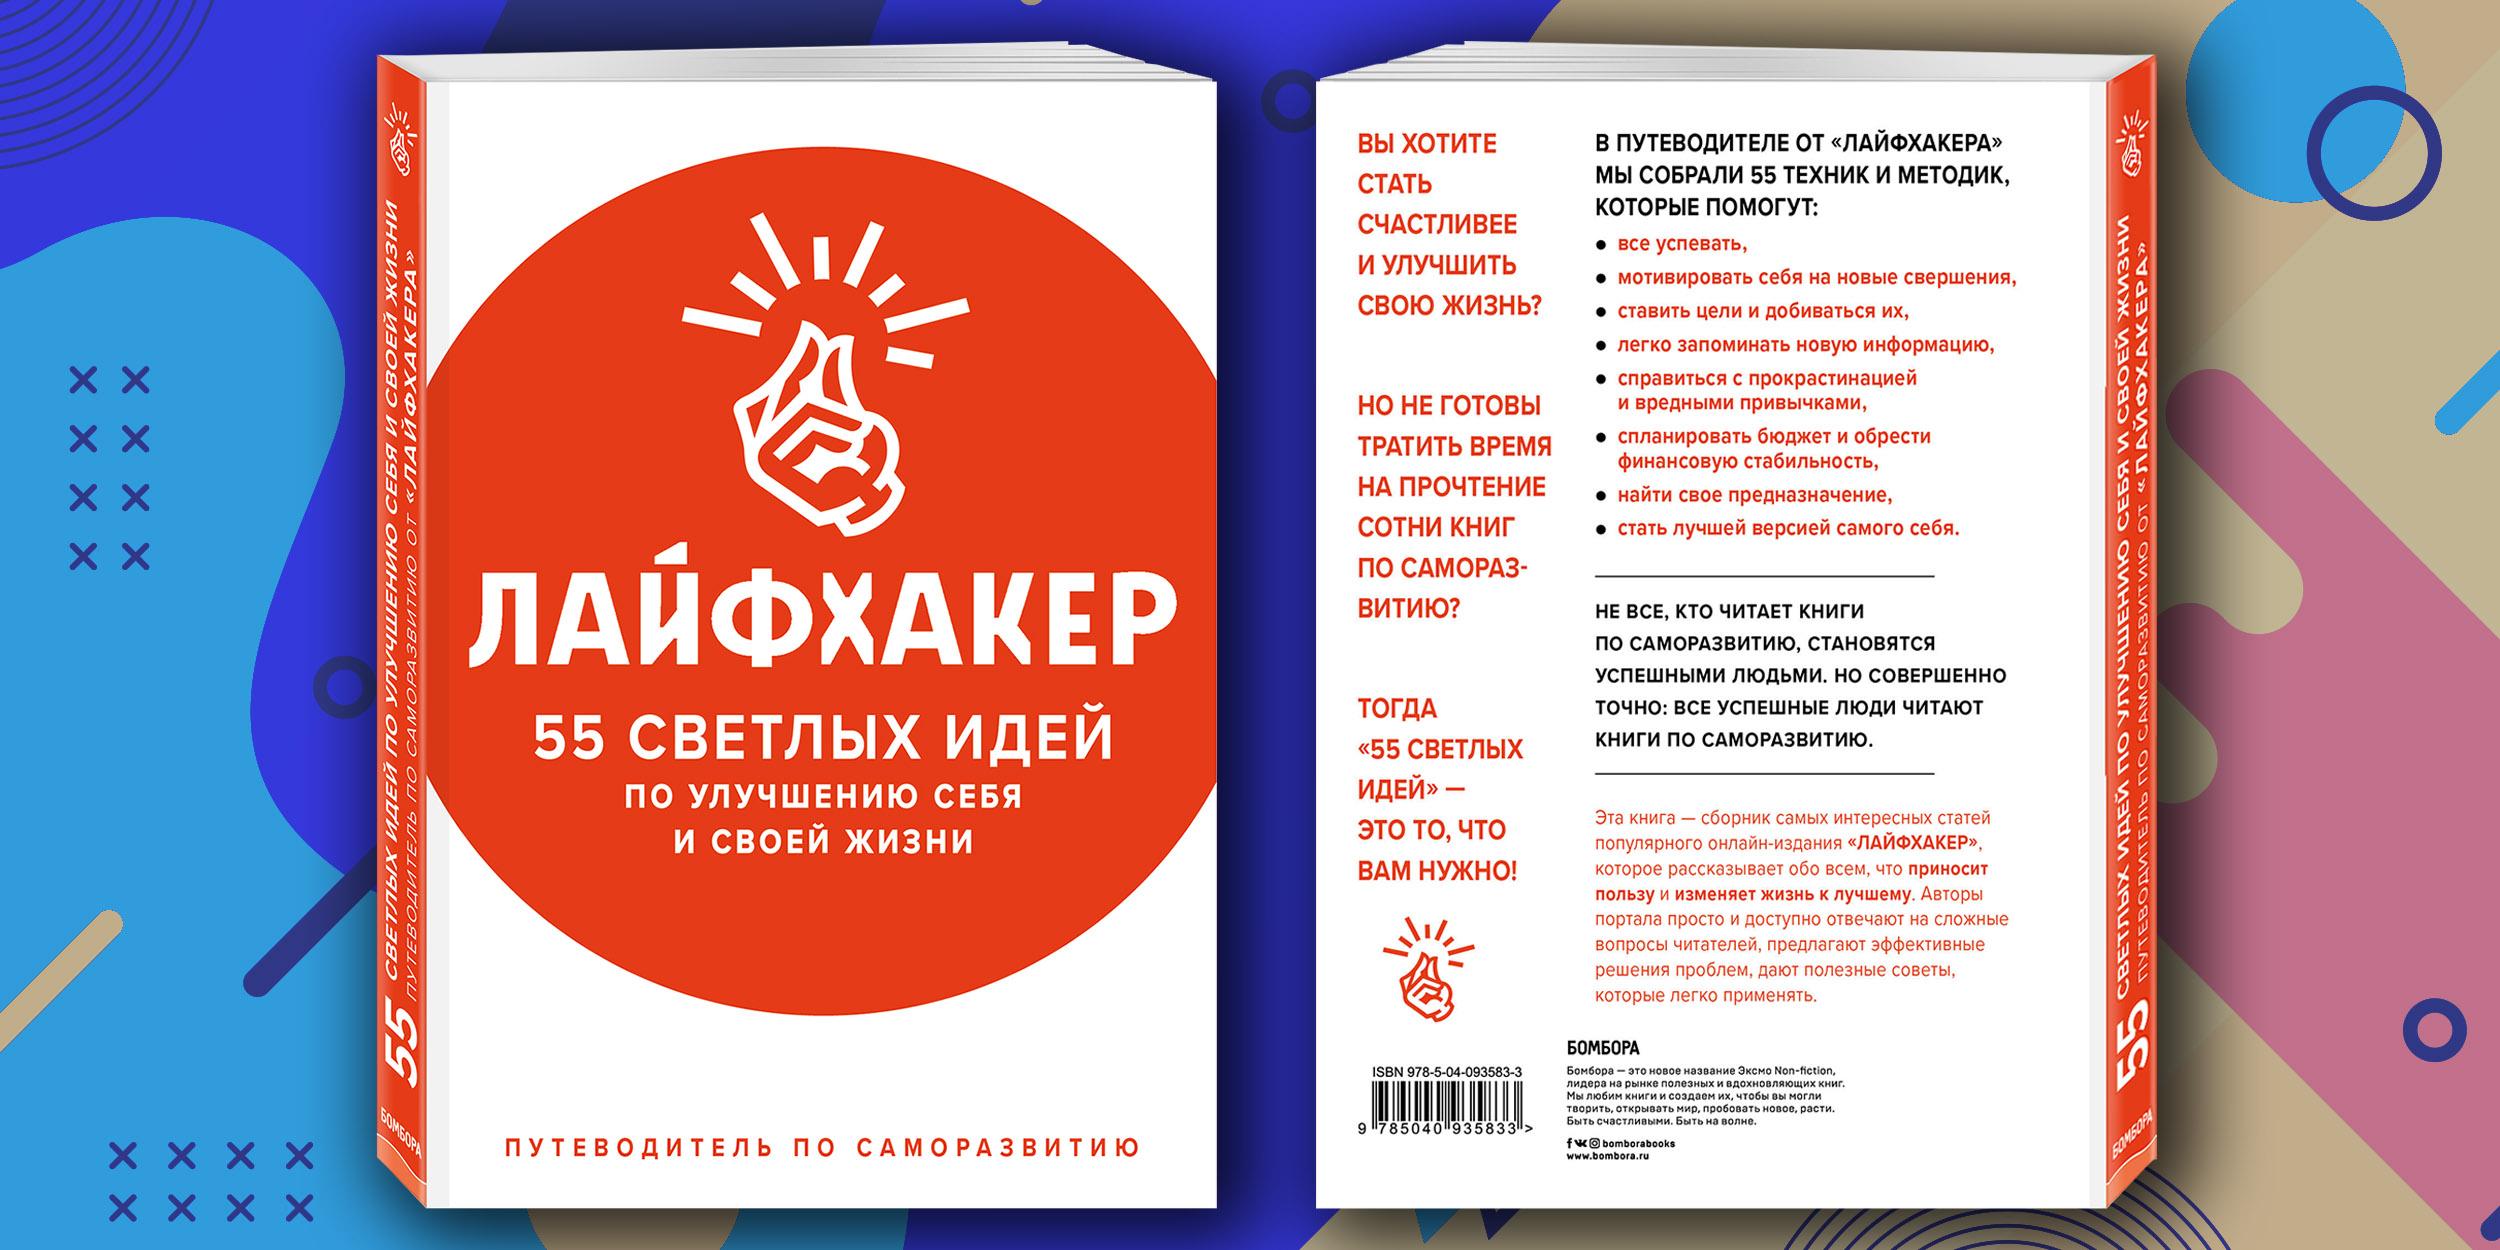 Ура! Мы выпустили книгу — руководство по саморазвитию